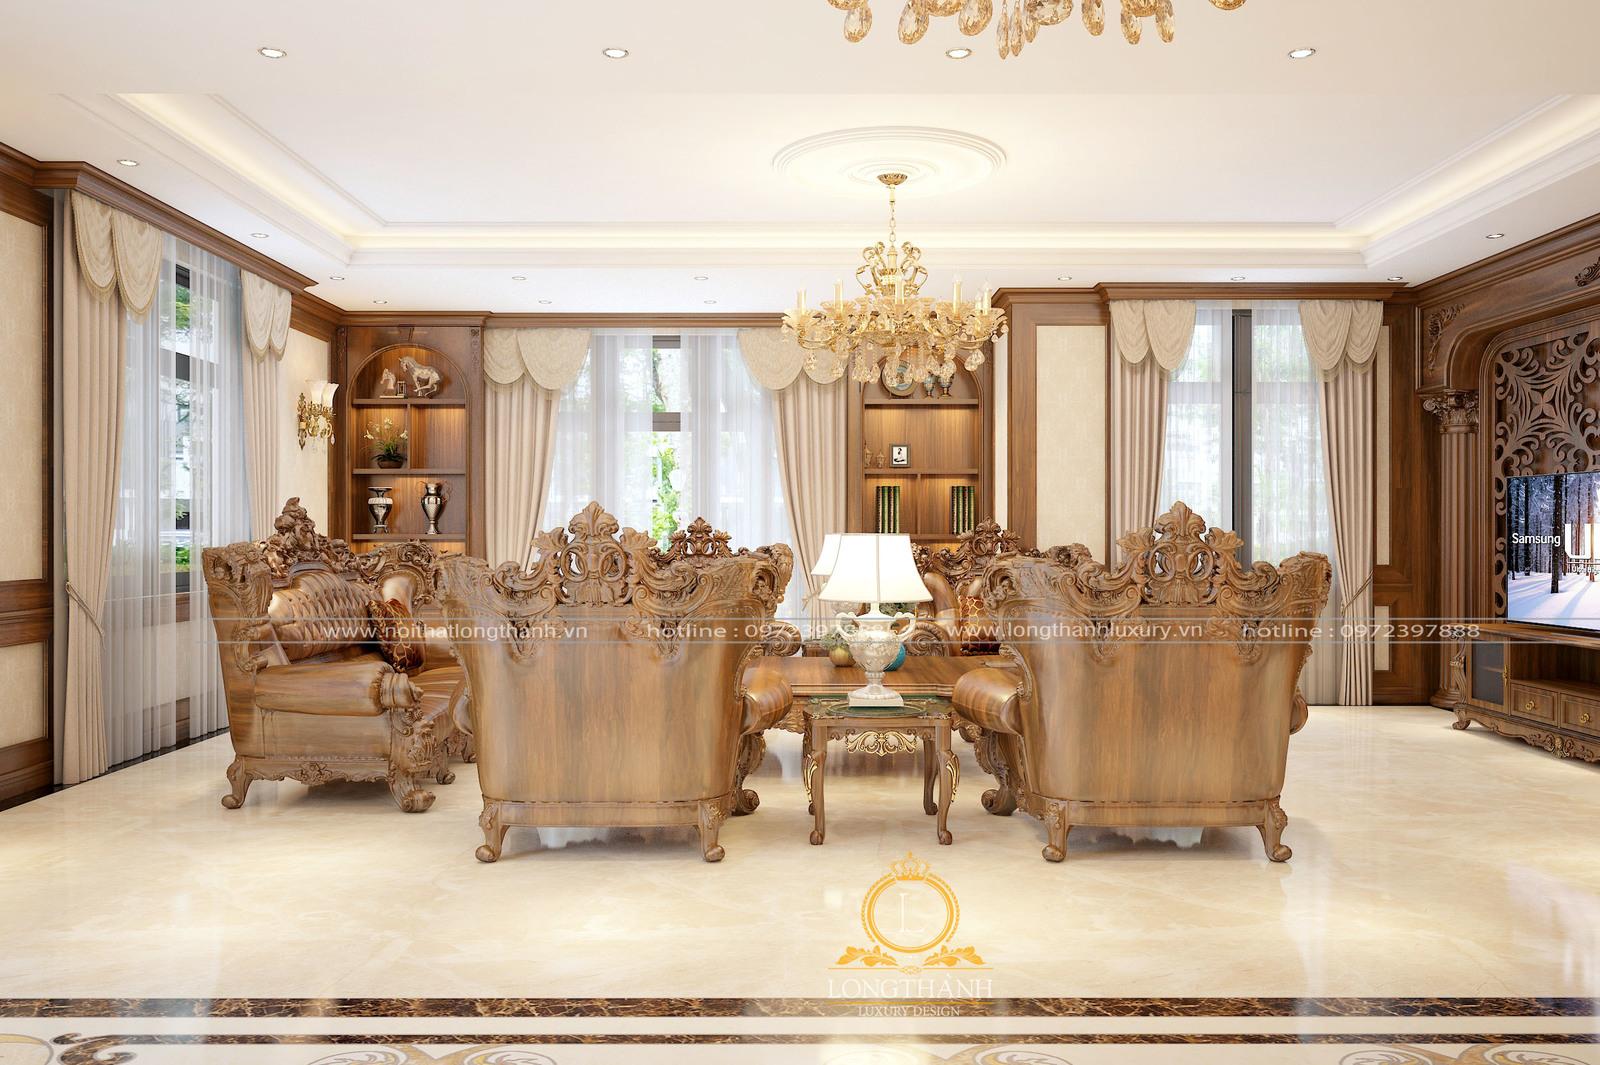 Bộ sofa tân cổ điển cho phòng khách biệt thự thêm sang trọng